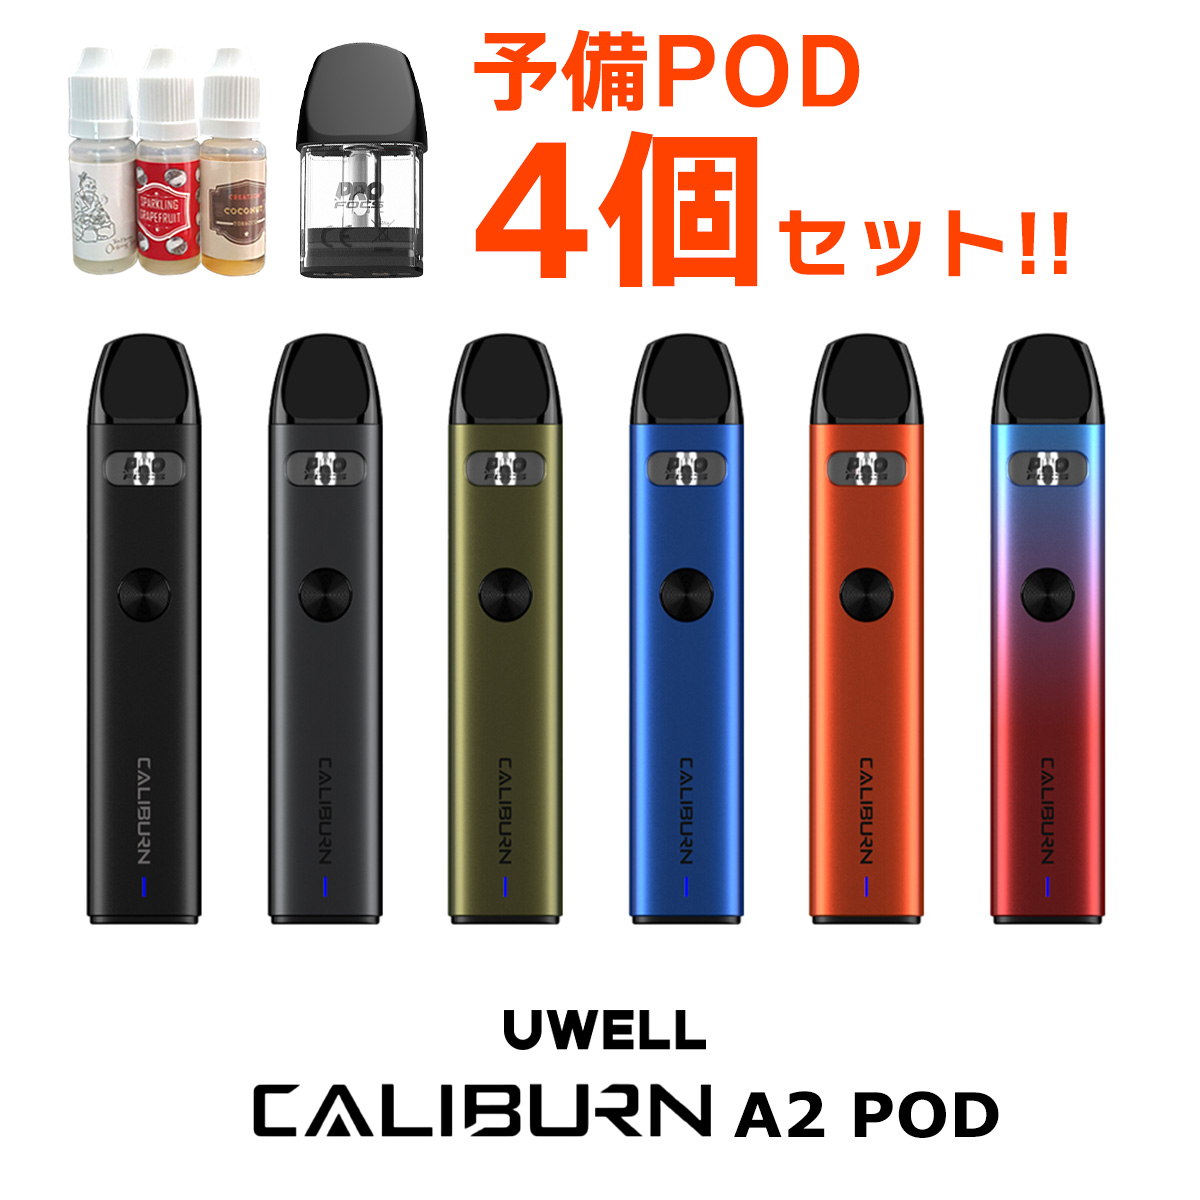 UWELL 2020モデル CALIBURN A2 POD vape カリバーンA2 ユーウェル 電子タバコ 入手困難 エーツー カリバーン ポッド ニコチン0 型 予備POD付き pod タール